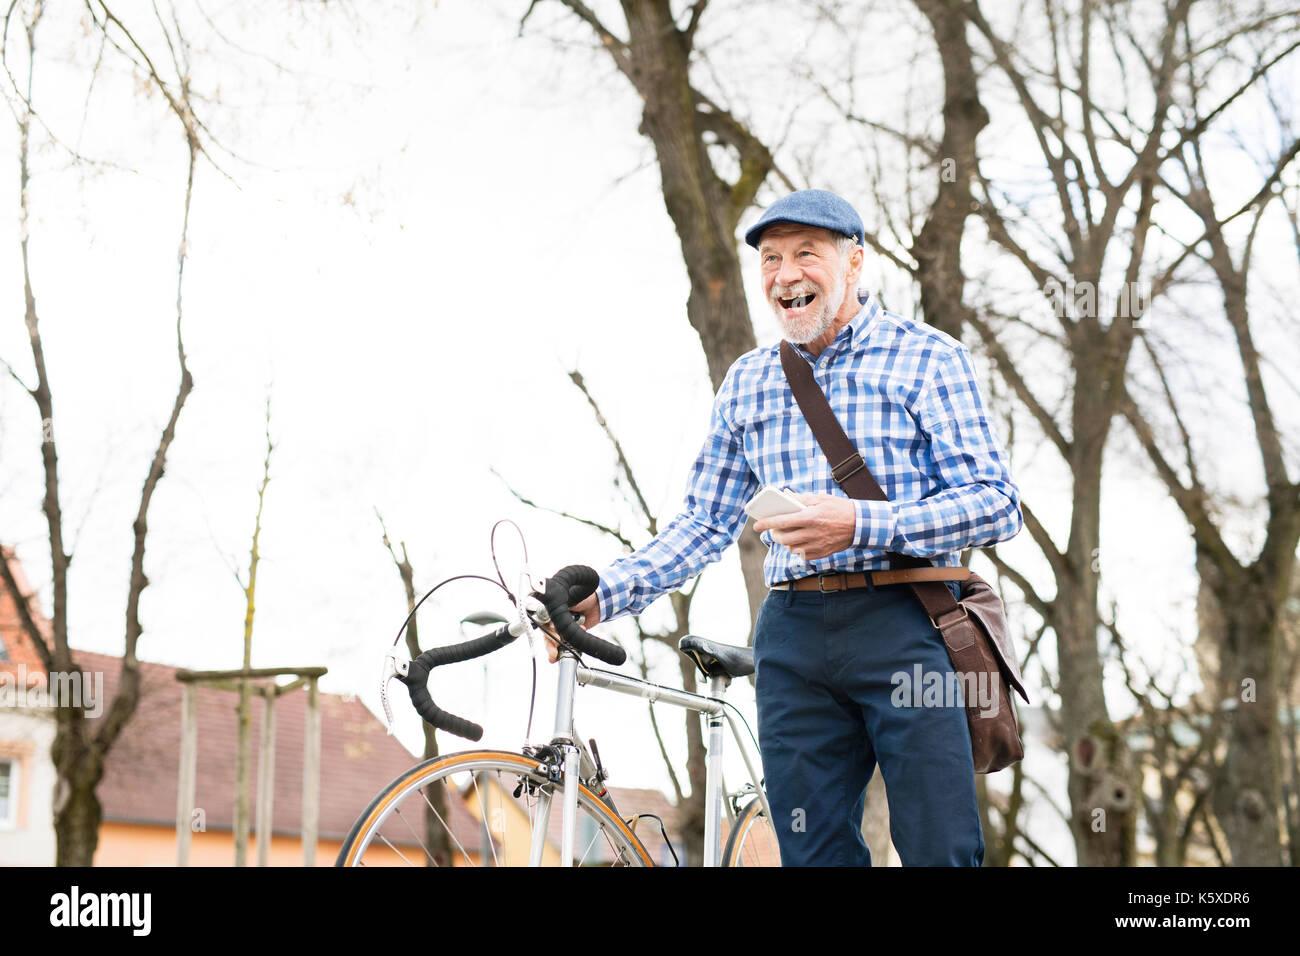 Älterer Mann mit Smartphone und Fahrrad in der Stadt. Stockbild